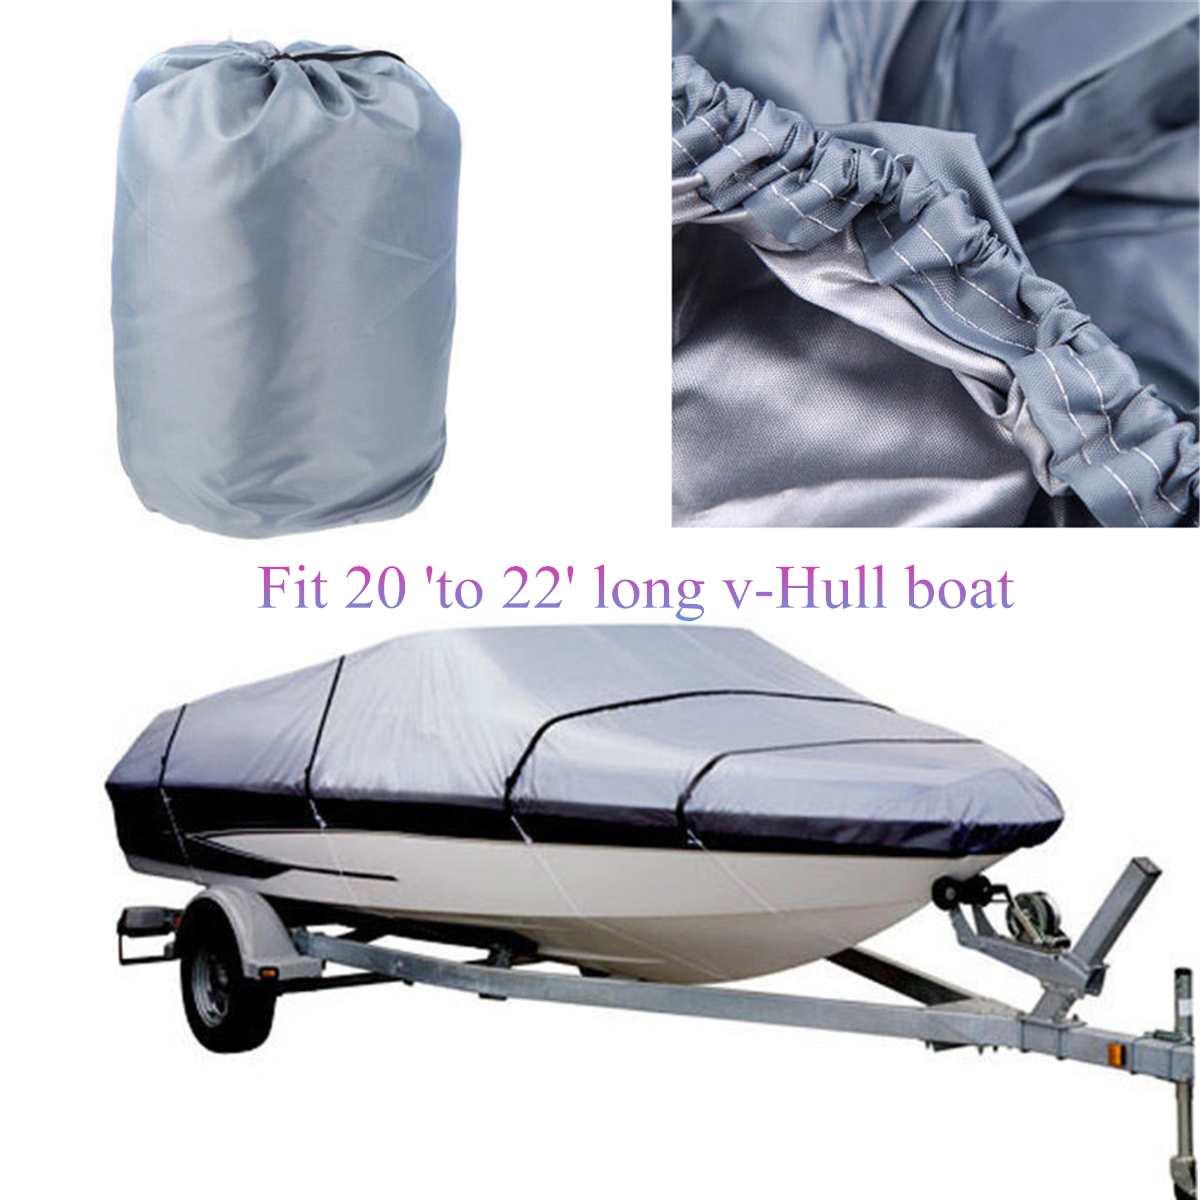 Couverture de bateau de Ski de pêche de faisceau de 600D 20-22FT imperméable couverture Marine résistante de bateau de remorque Protection UV abri gris d'auvent